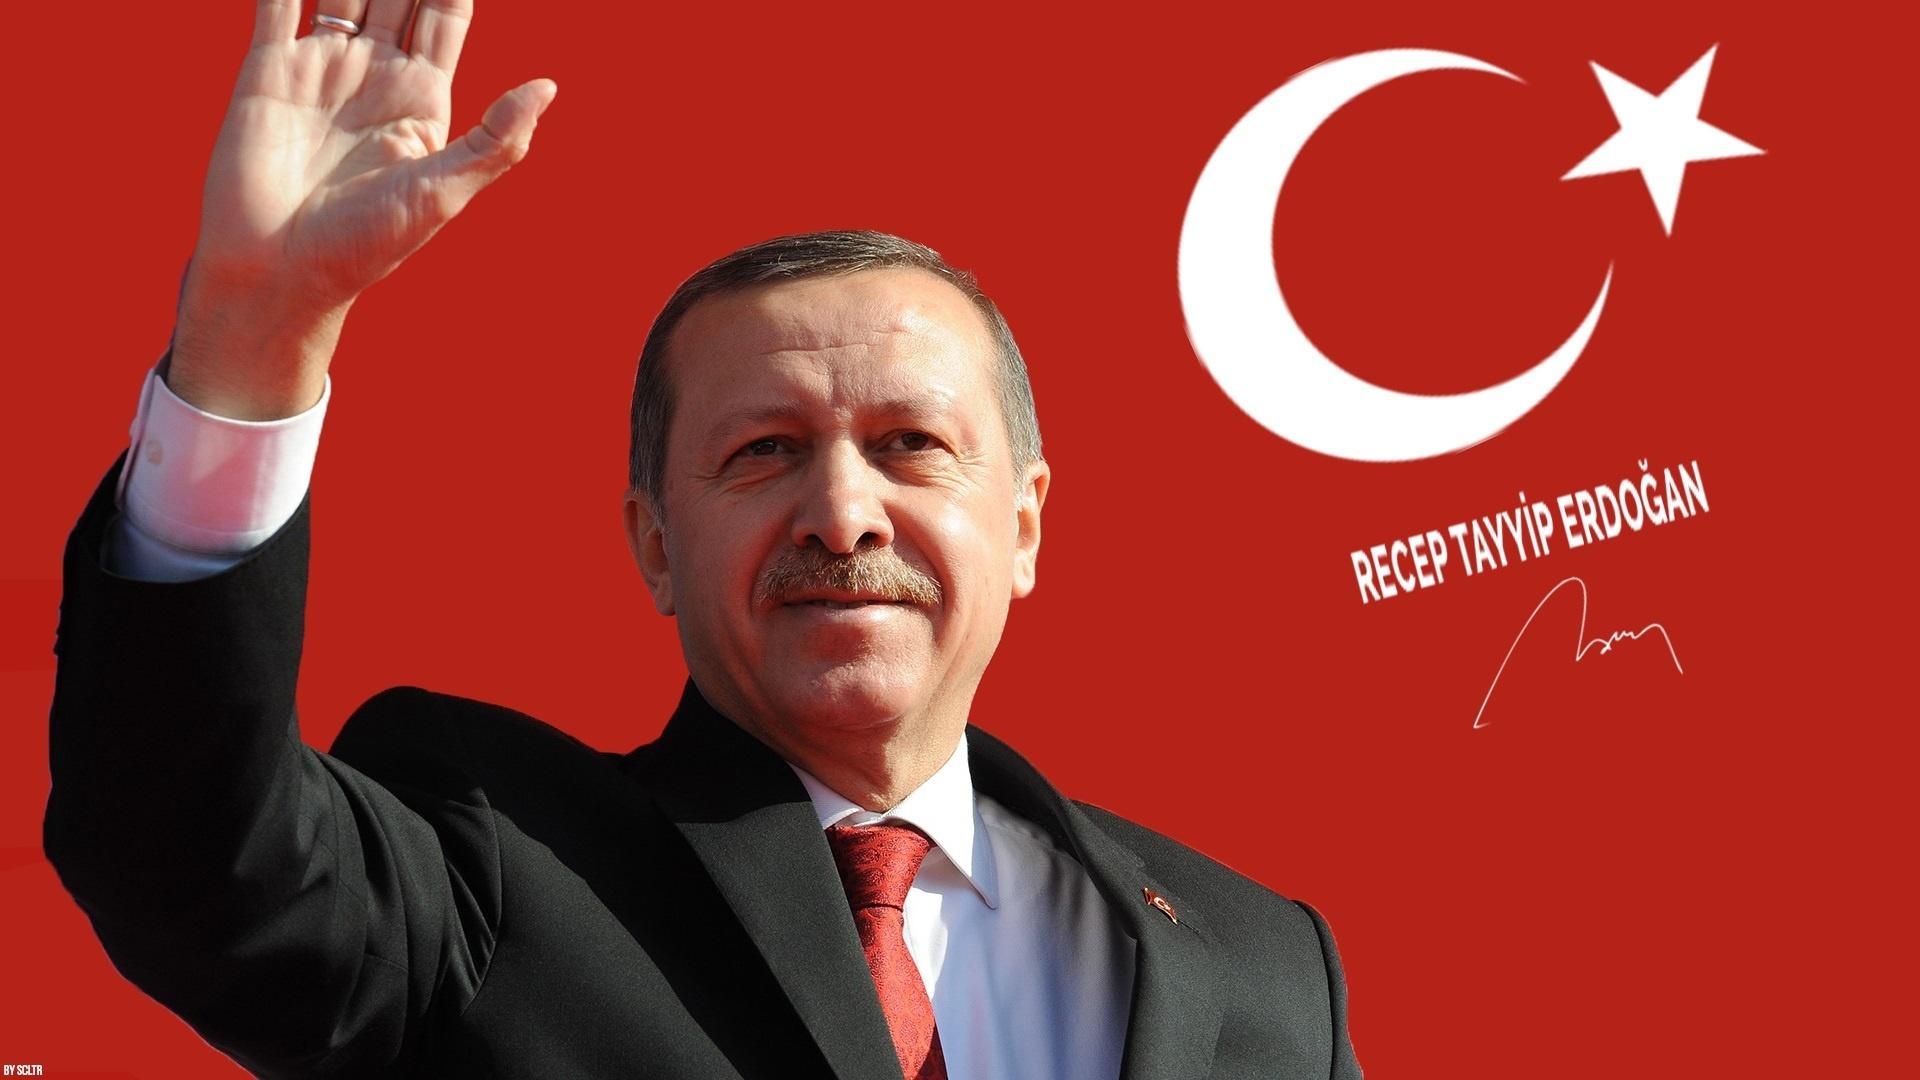 Președintele turc, Recep Tayyip Erdogan, stăpânul incontestabil al Turciei